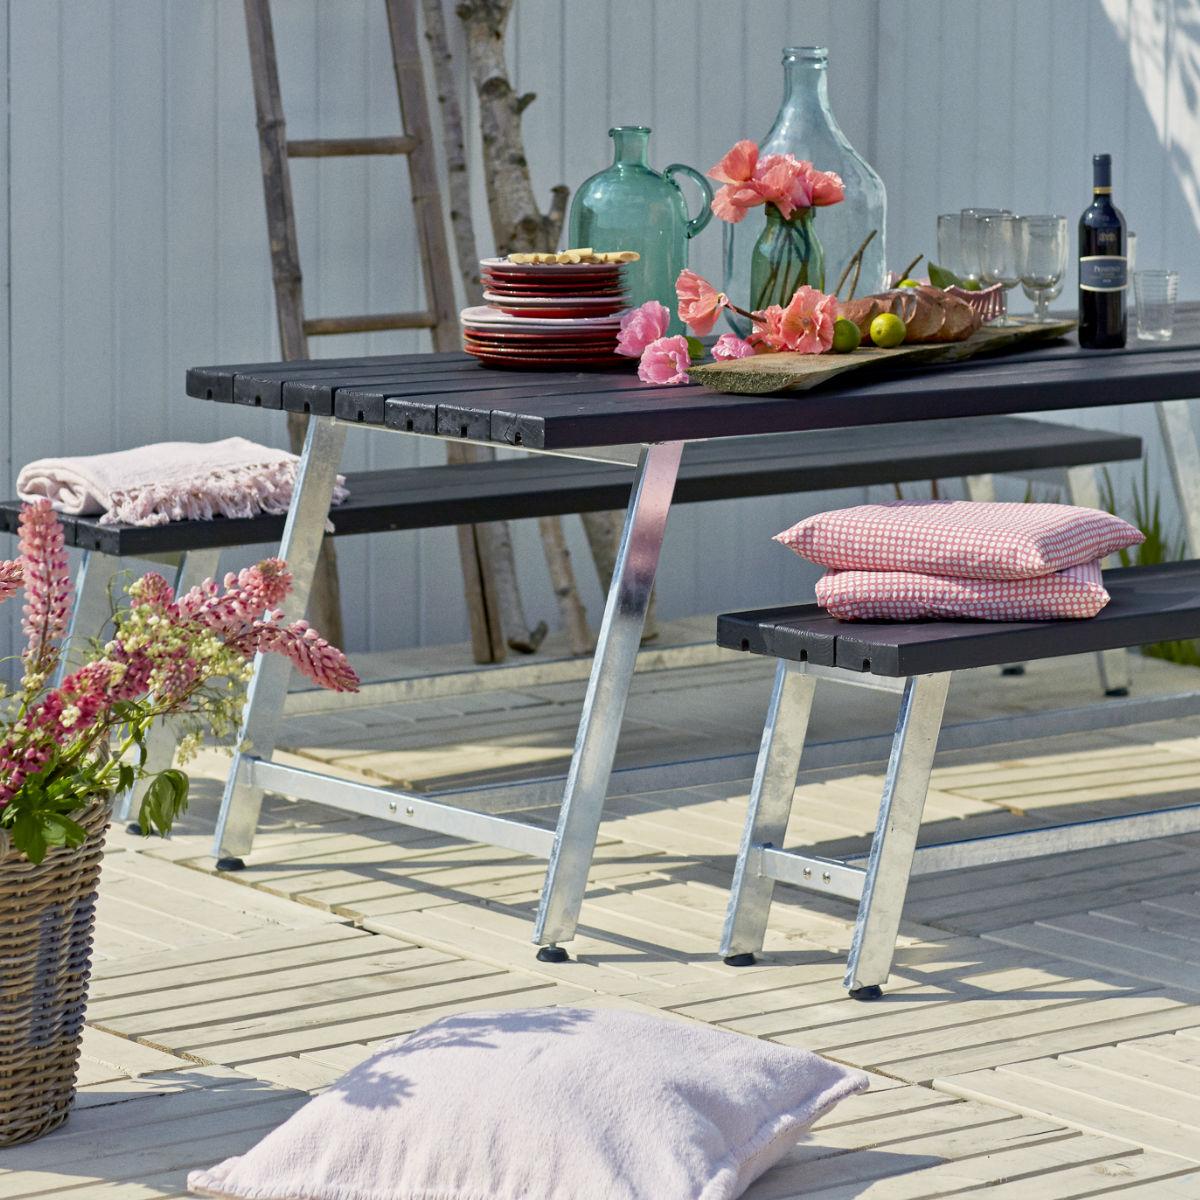 Café & Trädgårdsmöbler | Möbelgrupp Royal 177 cm